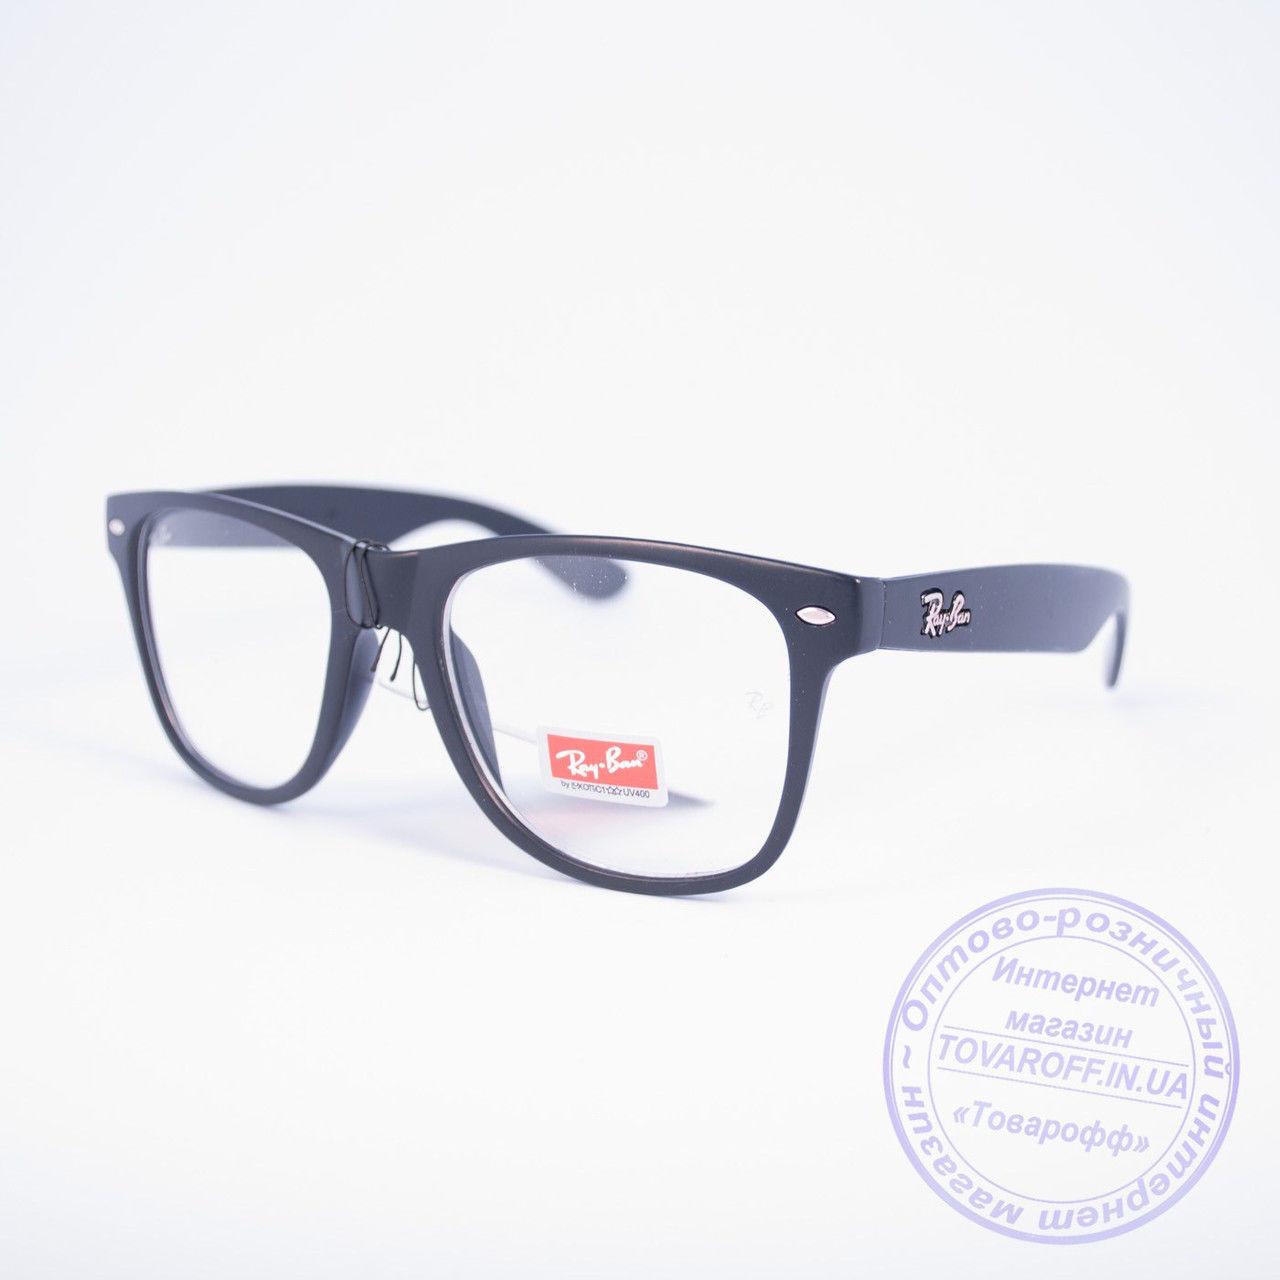 Имиджевые очки унисекс Ray Ban Wayfarer - Черные - 9318